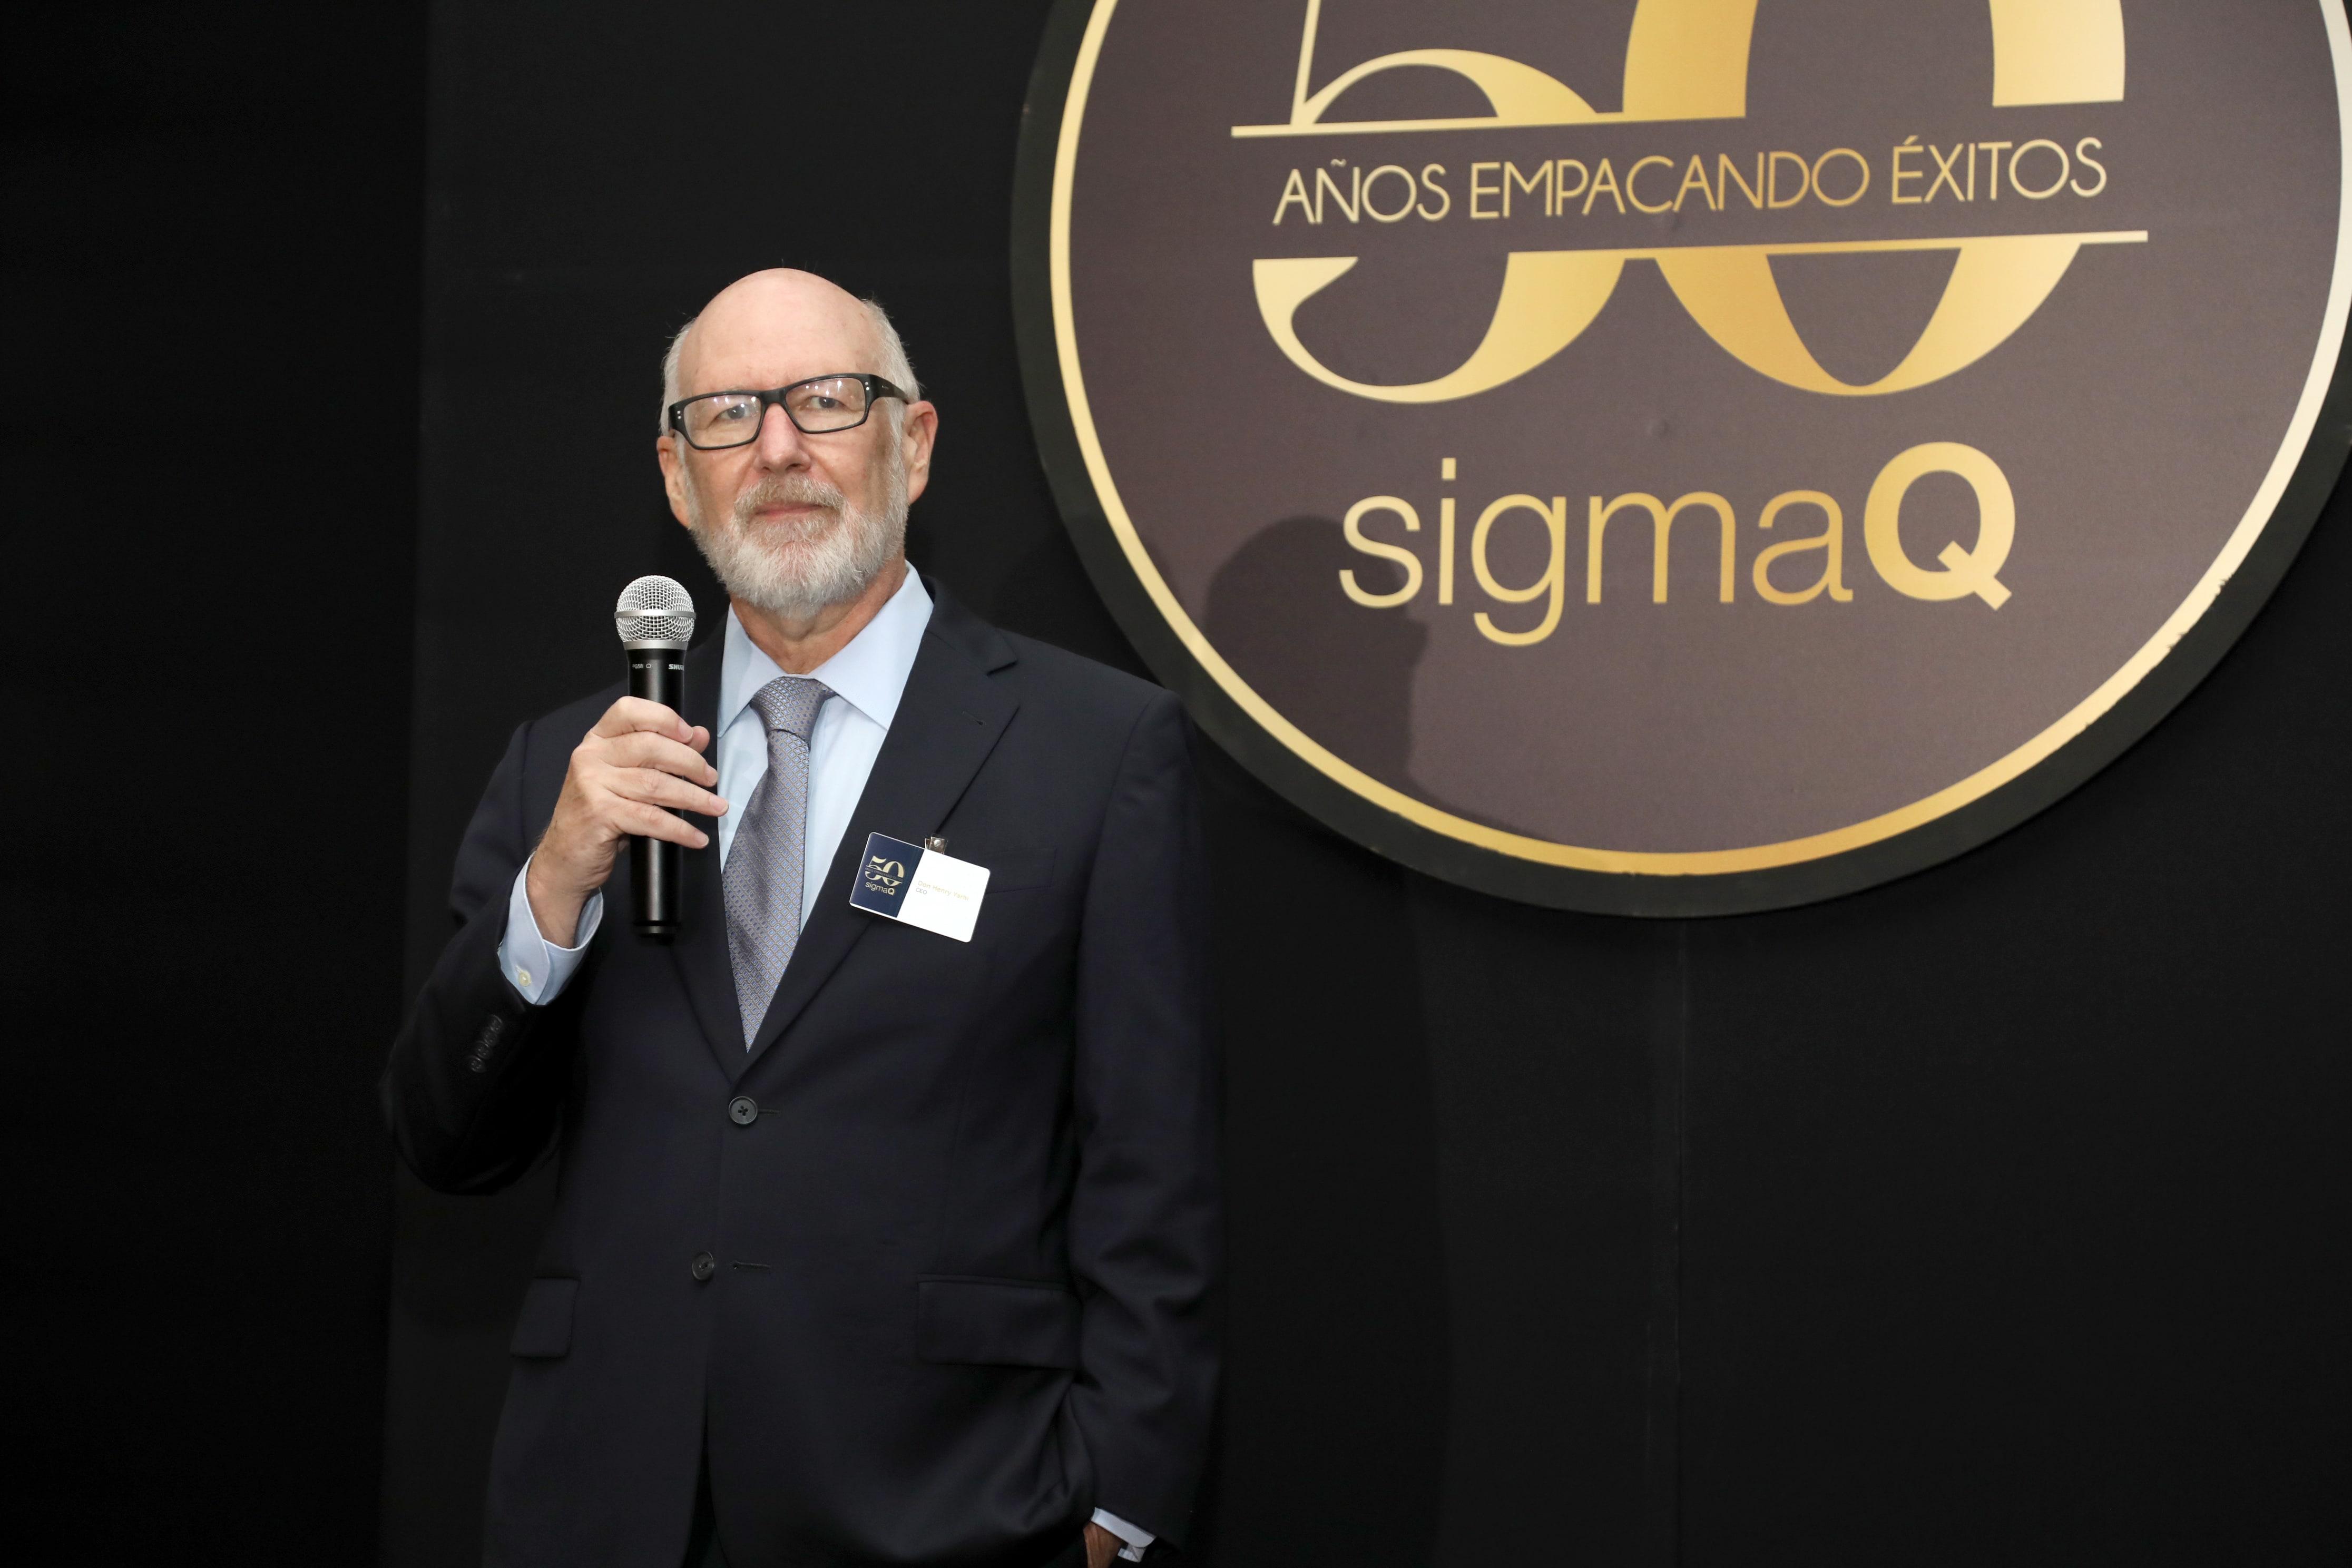 SigmaQ continua celebrando su 50 aniversario, esta vez en Panamá